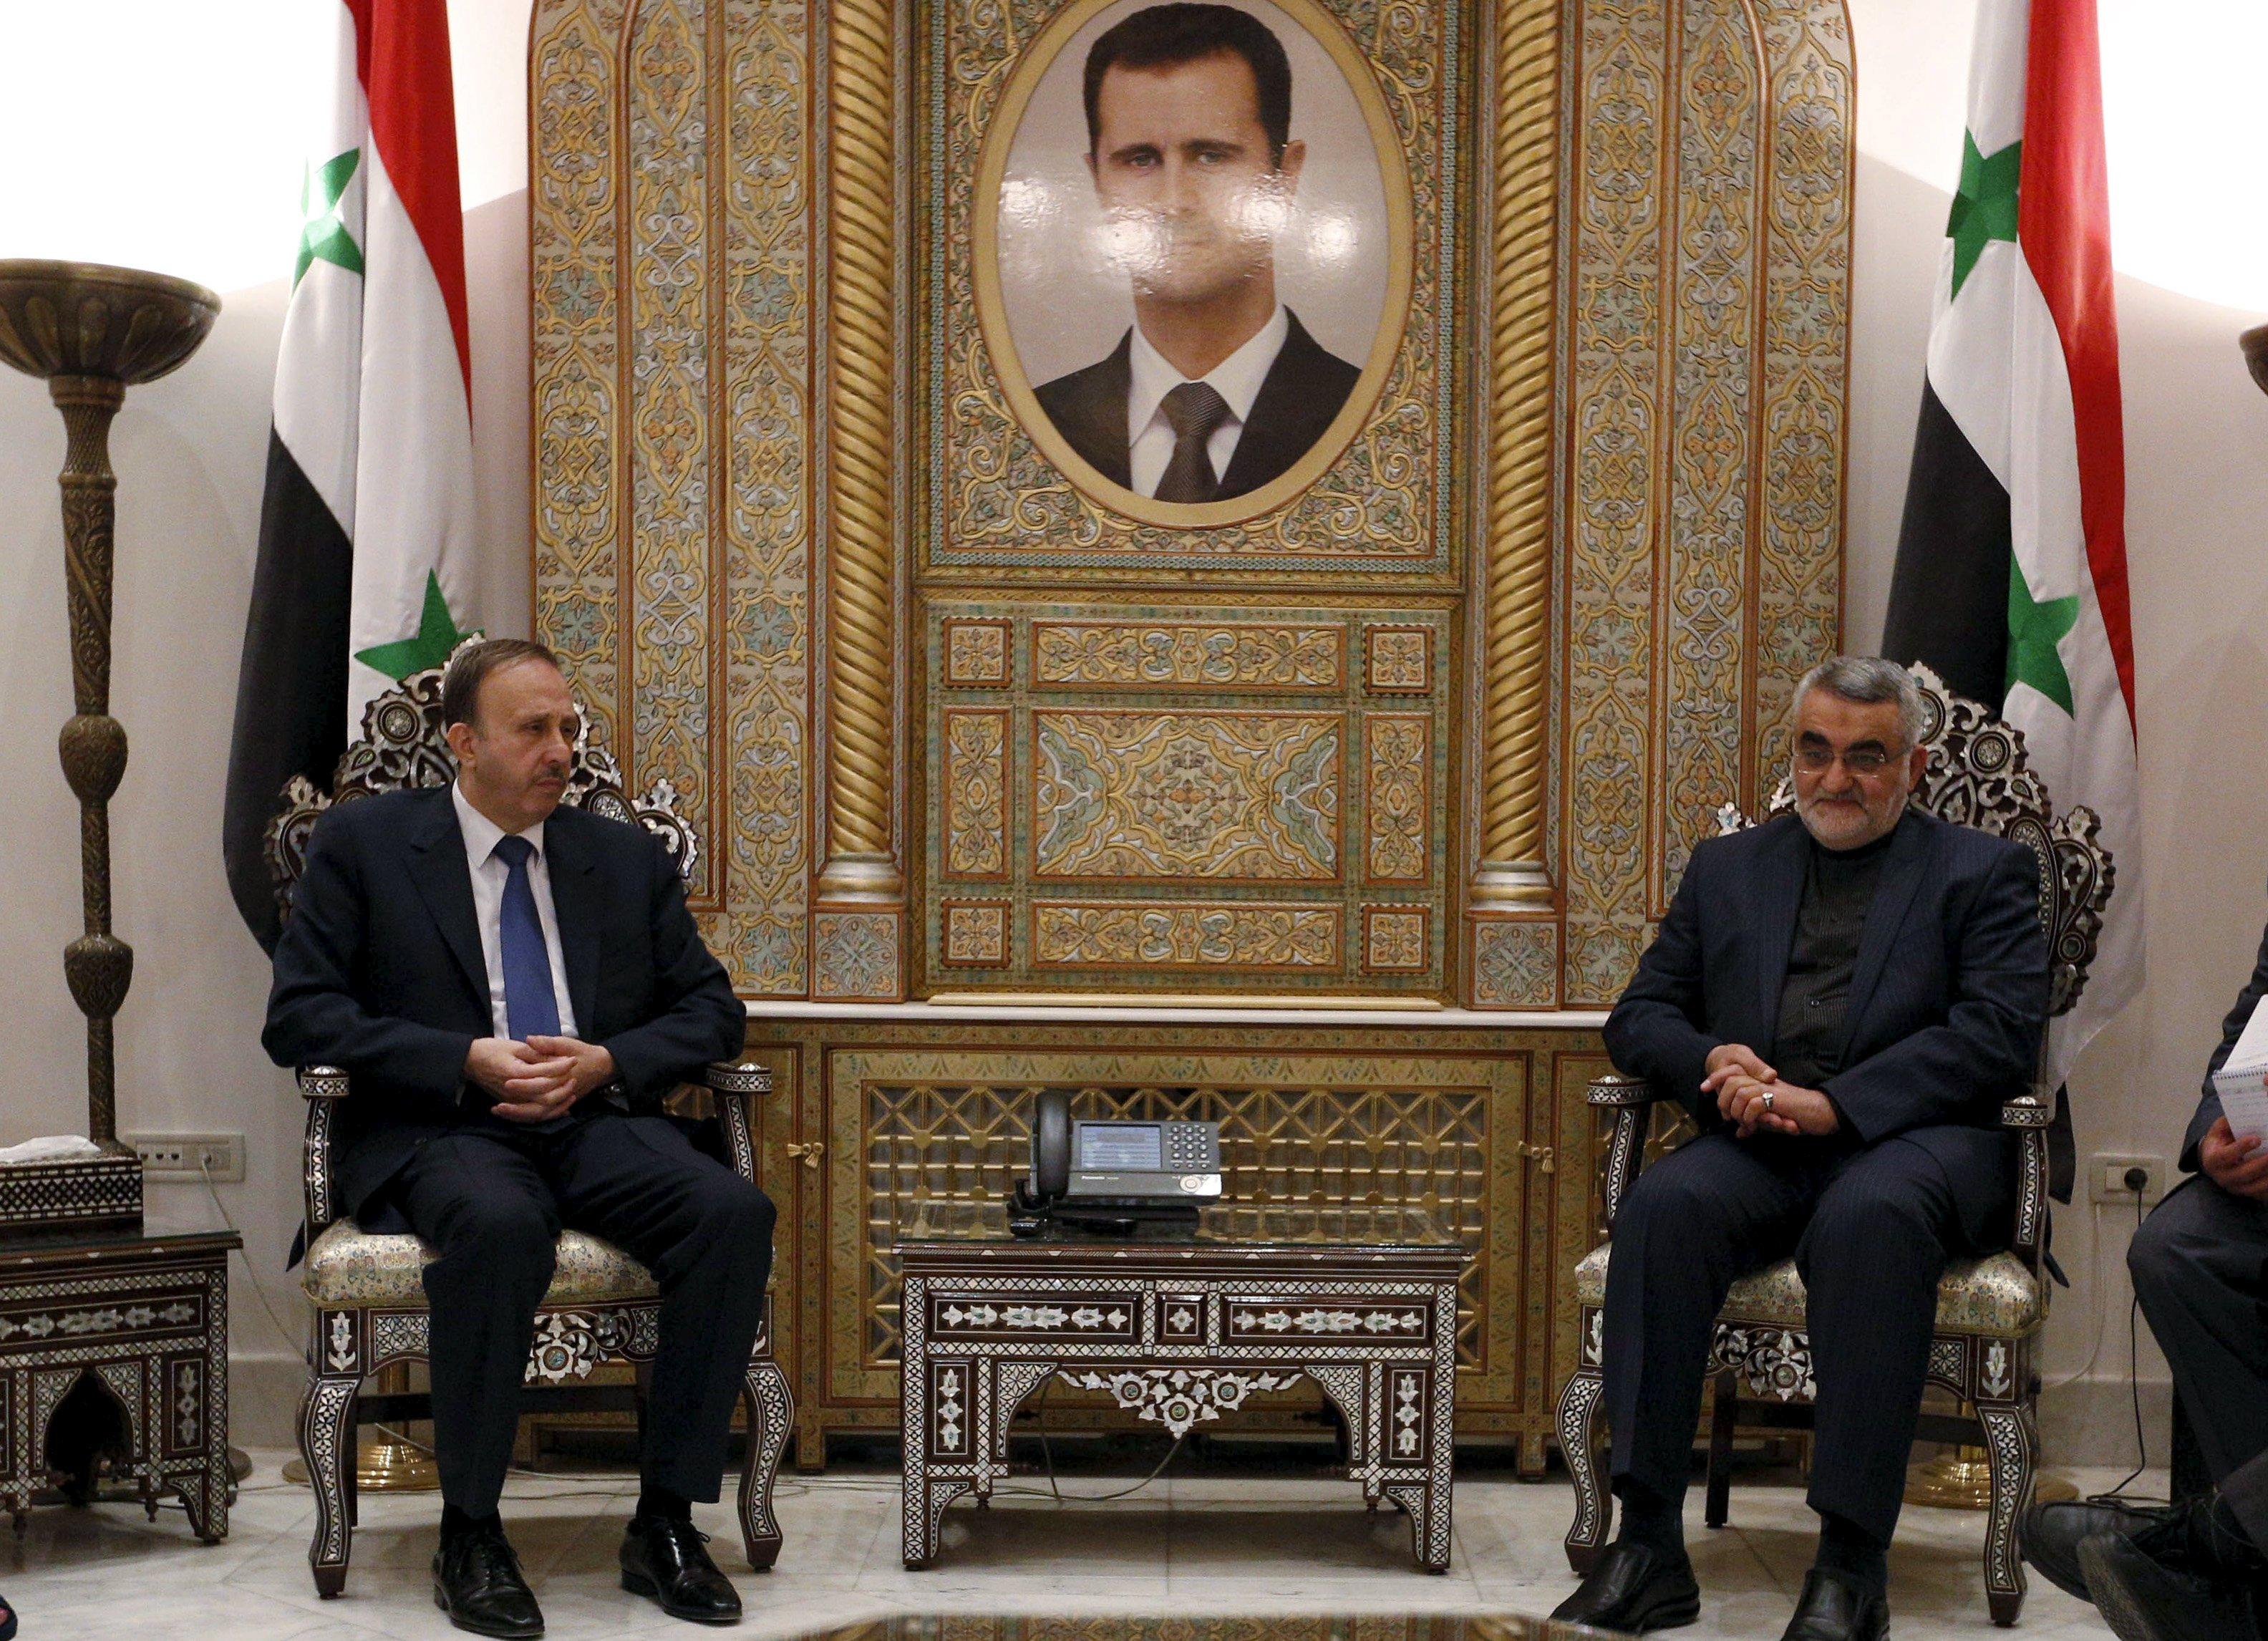 Ketua Keamanan Nasional parlemen Iran dan Komisi Kebijakan Luar Negeri Alaeddin Boroujerdi (kanan), bertemu dengan Ketua Parlemen Suriah Mohammad al-Laham di Damaskus, Suriah, Rabu (14/10). Delegasi parlemen Iran tiba di Damaskus kemarin untuk pembentukan operasi gabungan melawan pemberontak di barat daya Suriah, dan mengatakan upaya yang dipimpin AS telah gagal. ANTARA FOTO/REUTERS/Omar Sanadiki.